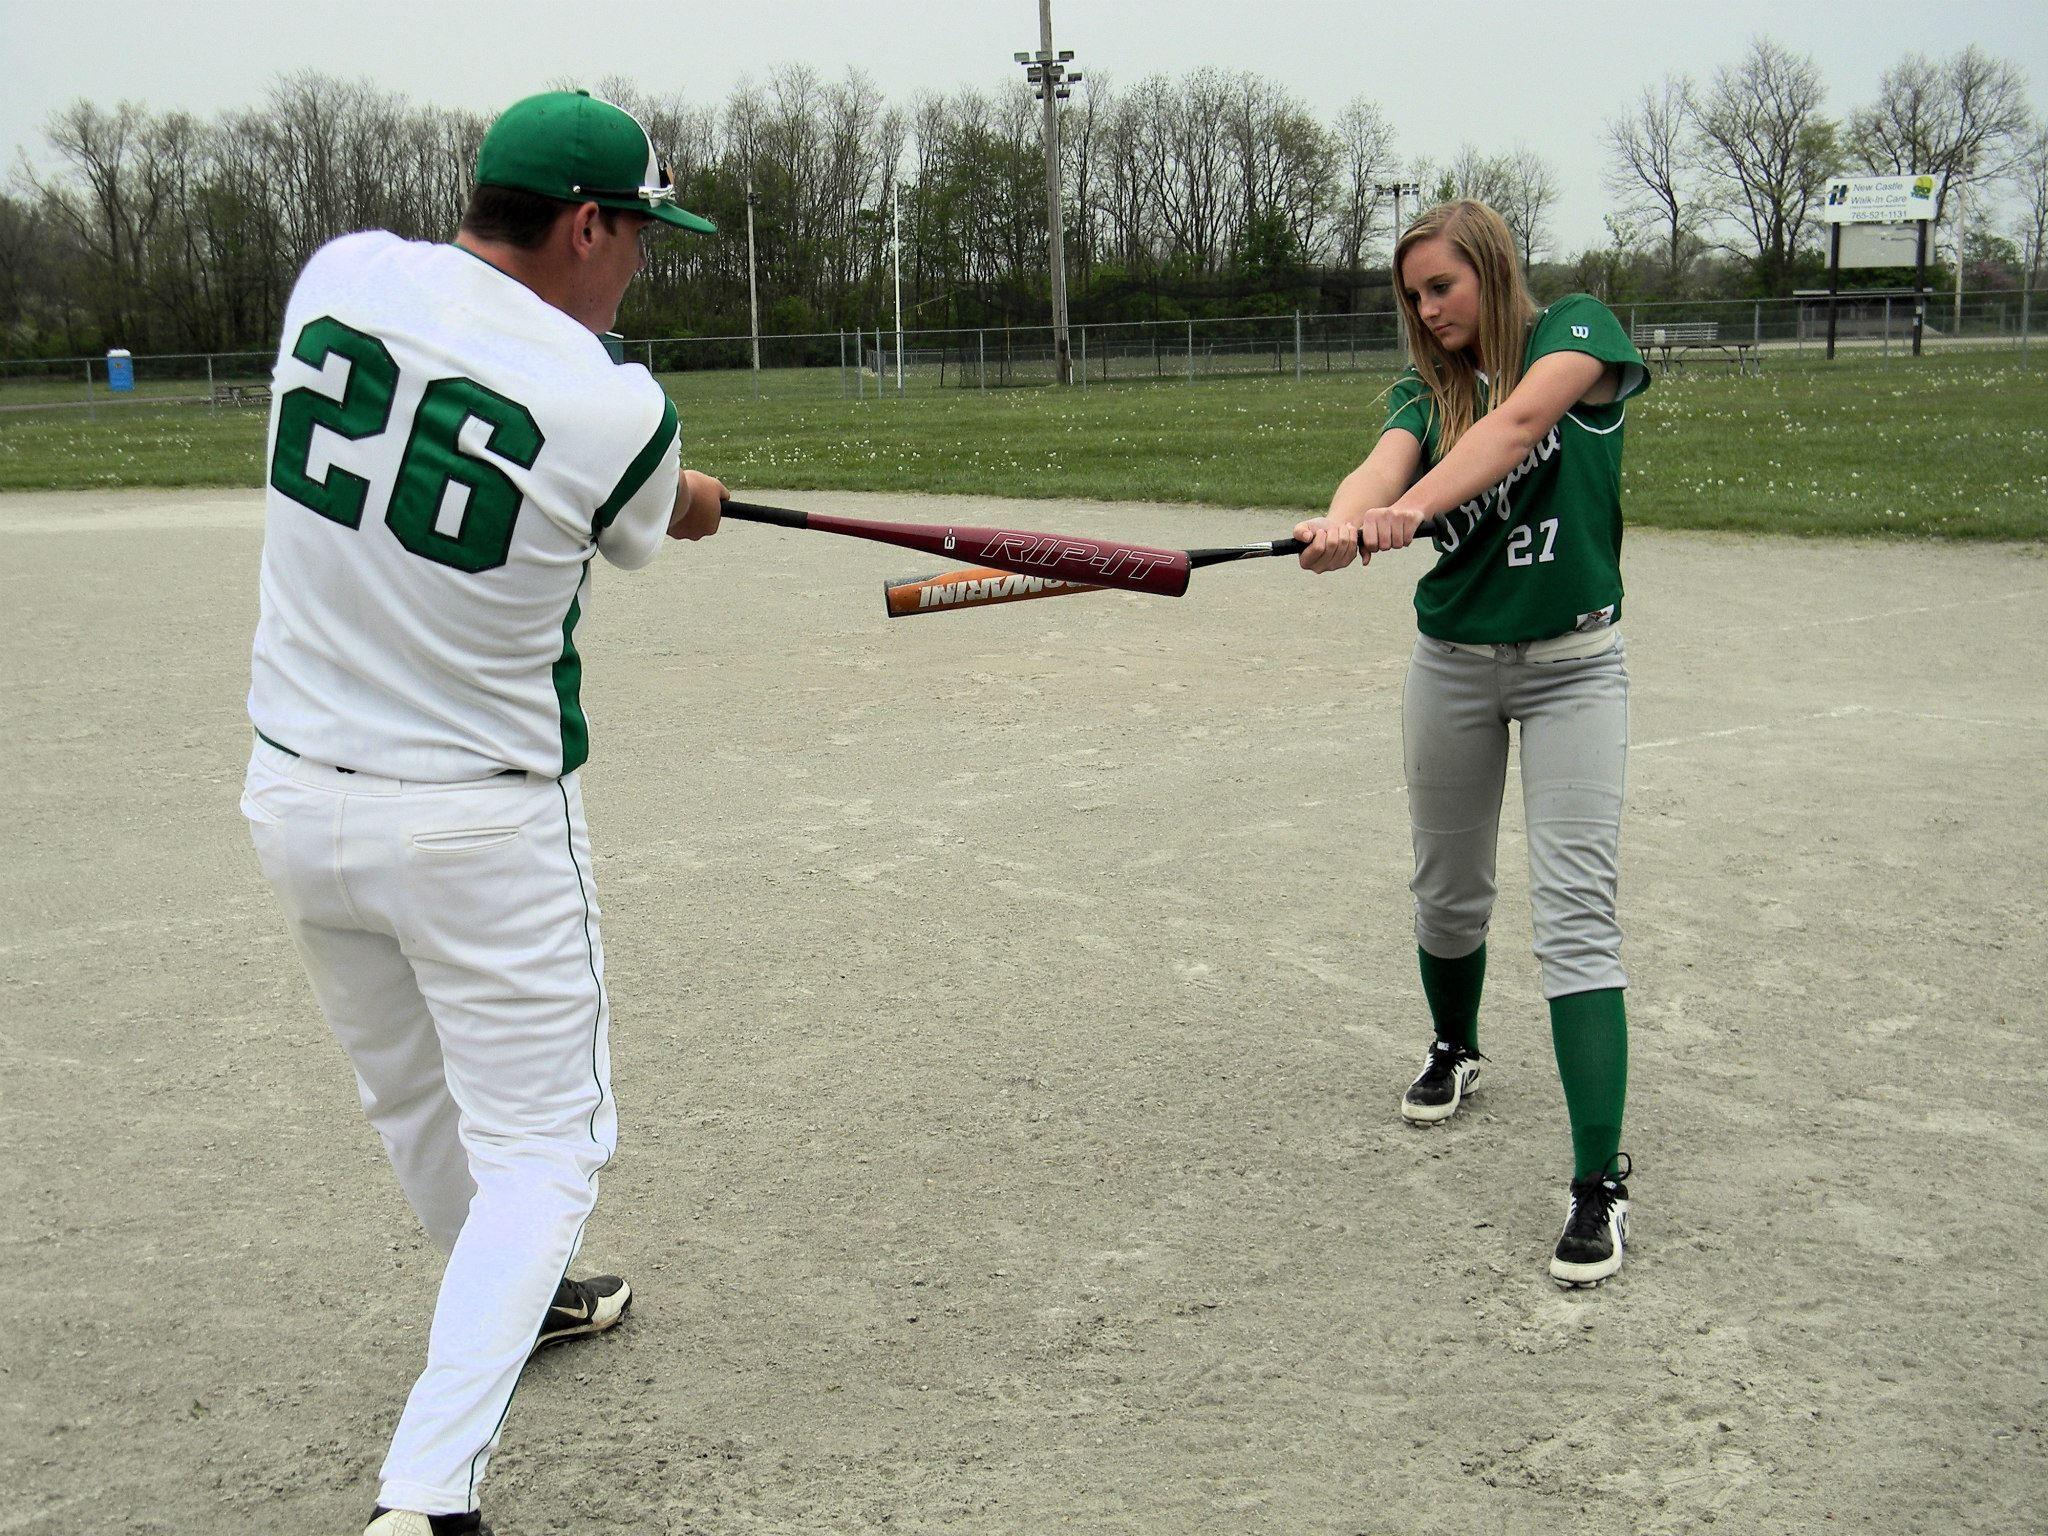 south farmington baseball and softball relationship